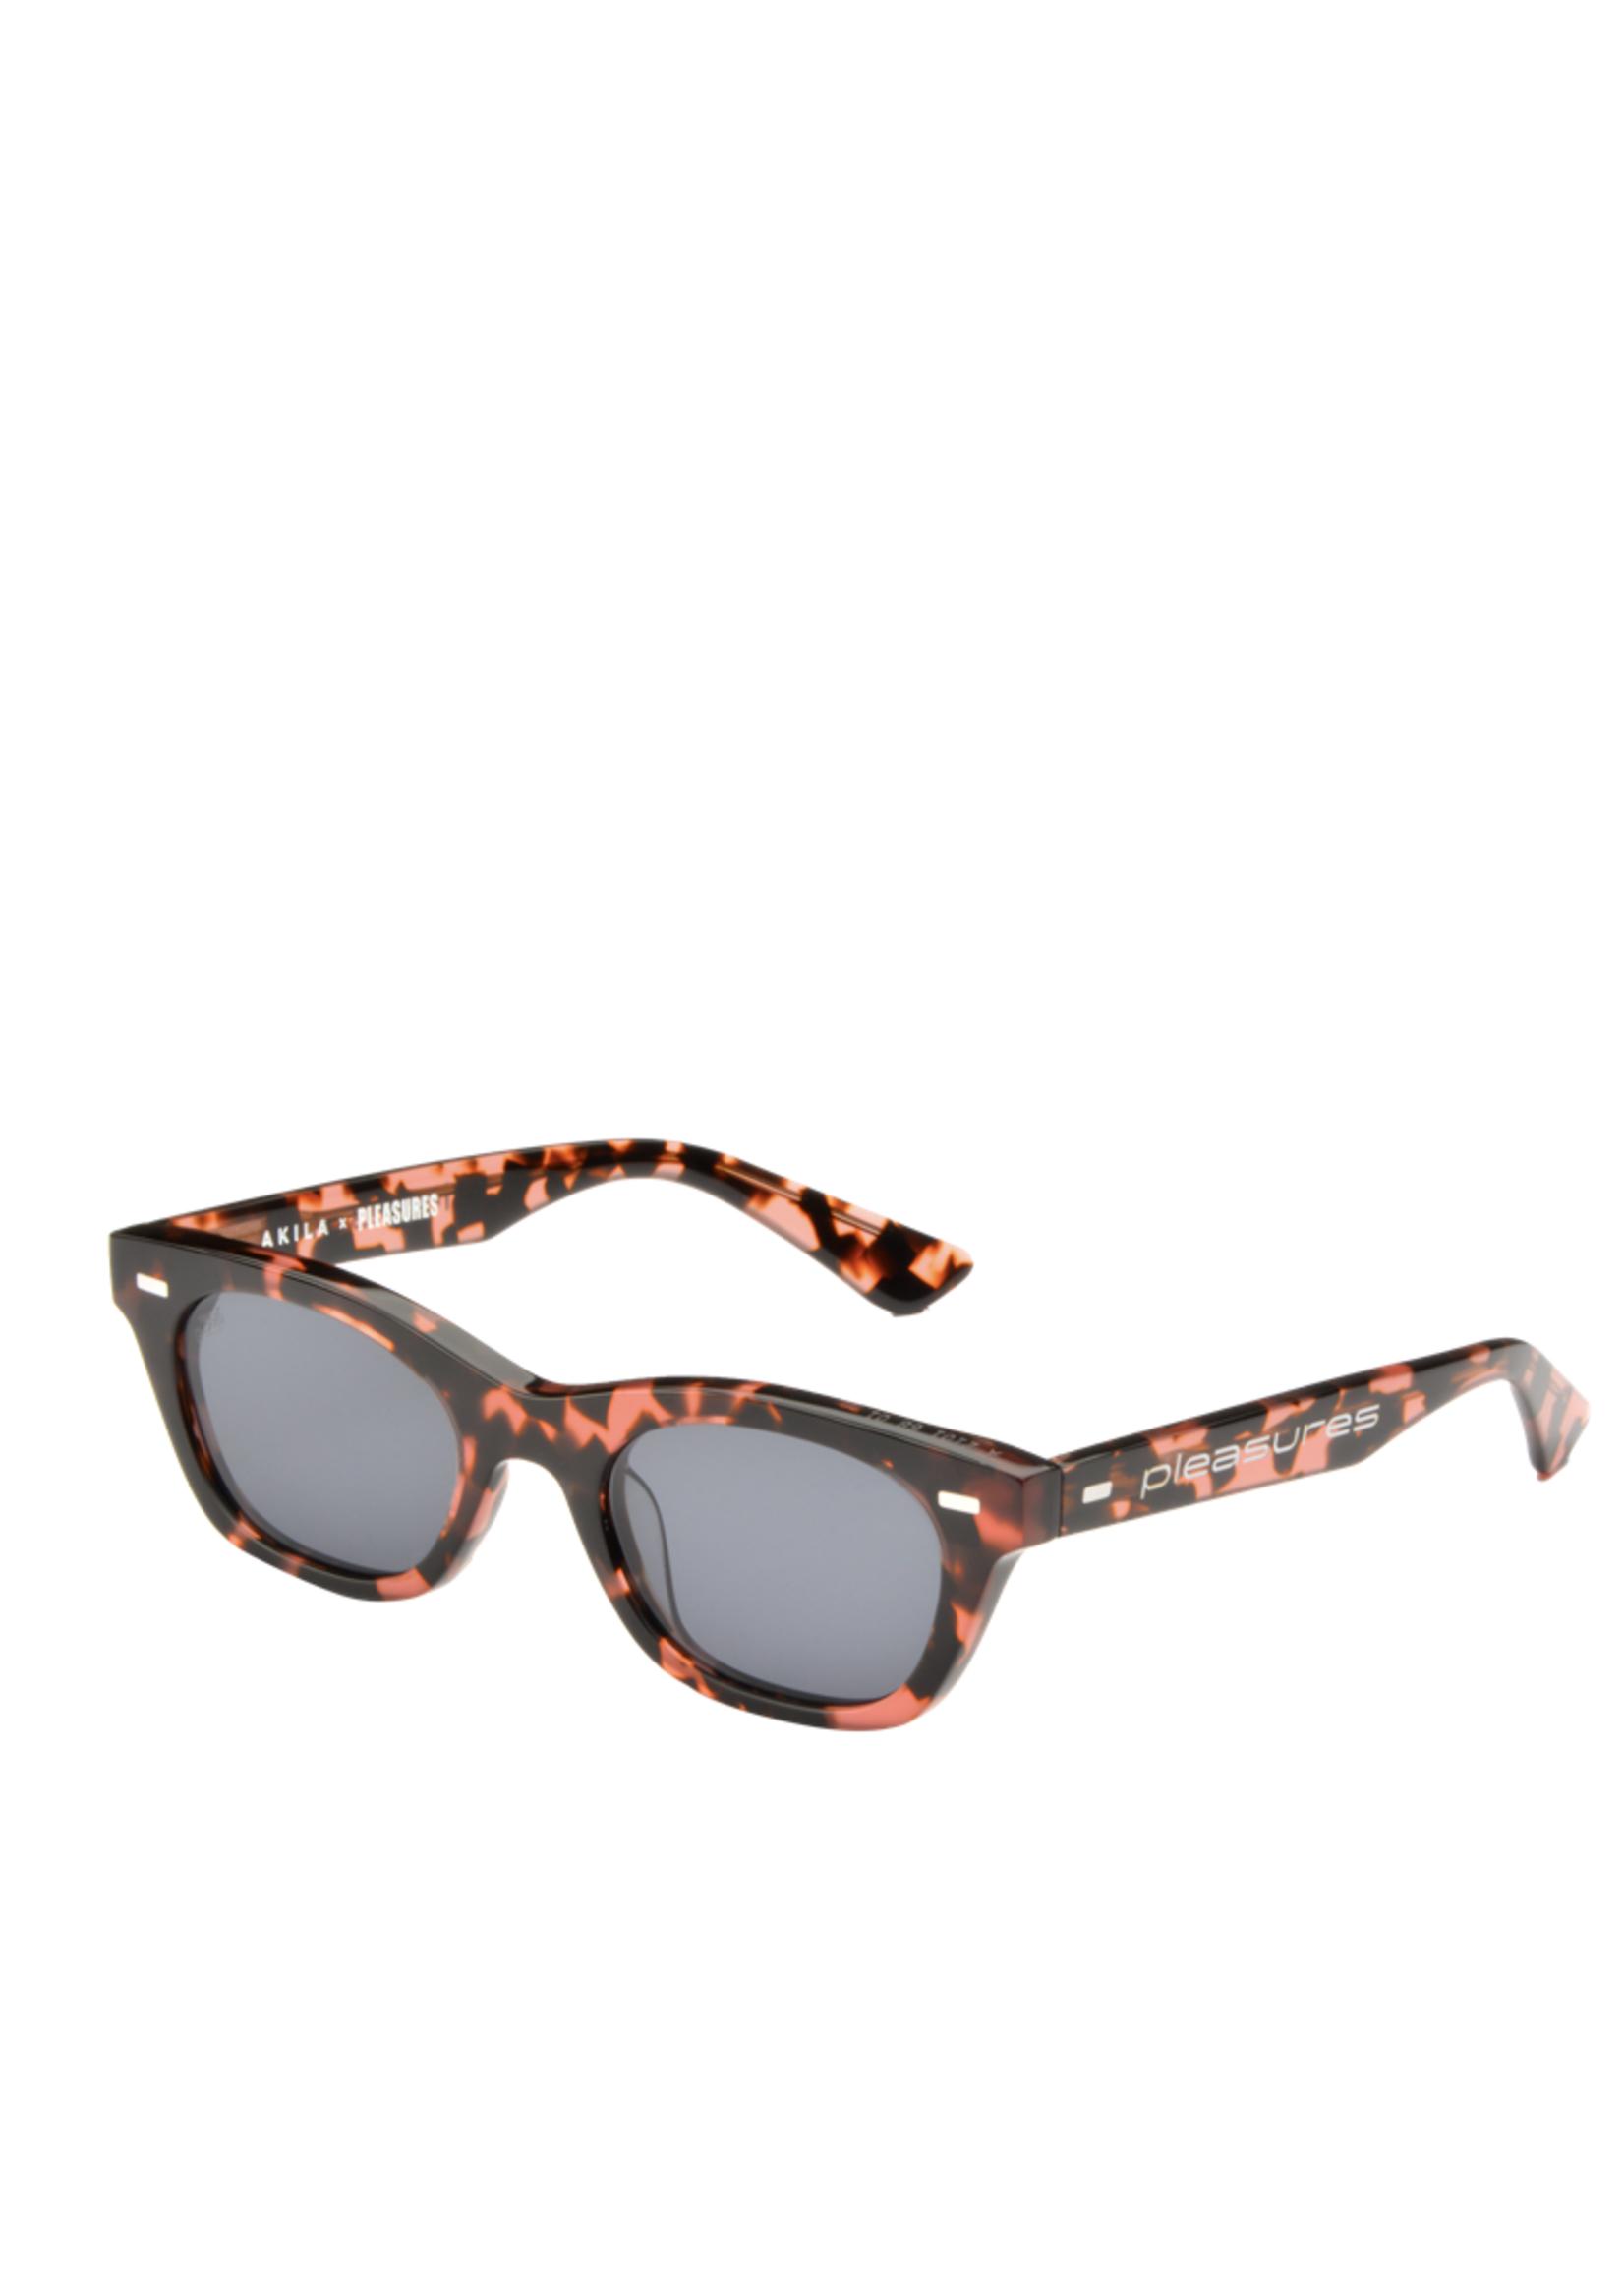 PLEASURES AKILA X PLEASURES Method Sunglasses in Pink Tortoise